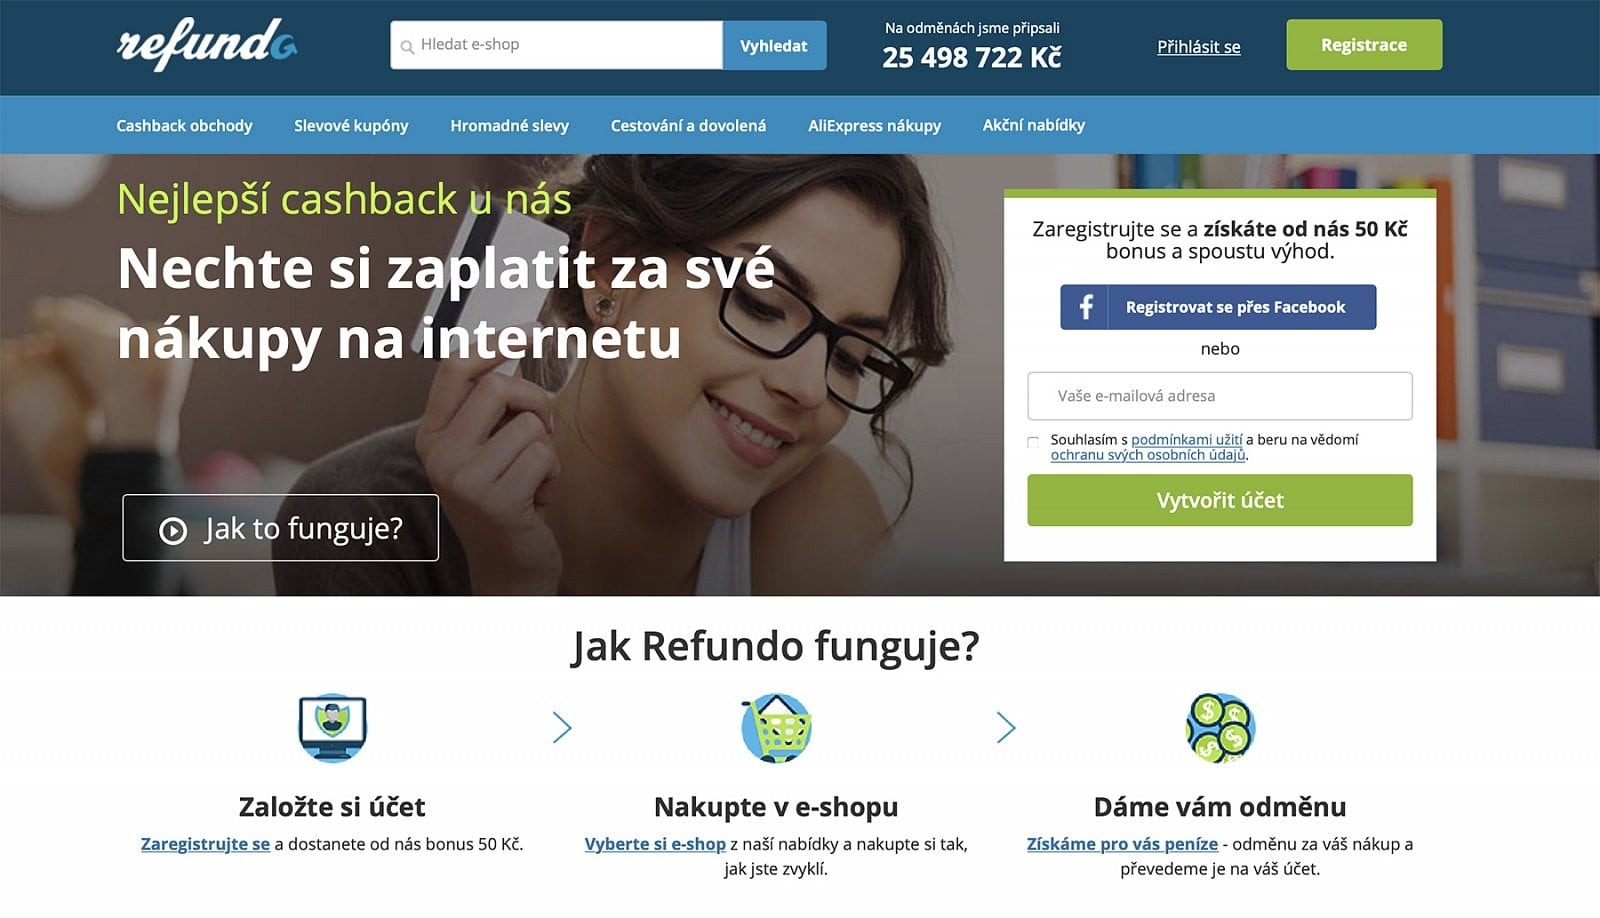 Gmx online datování